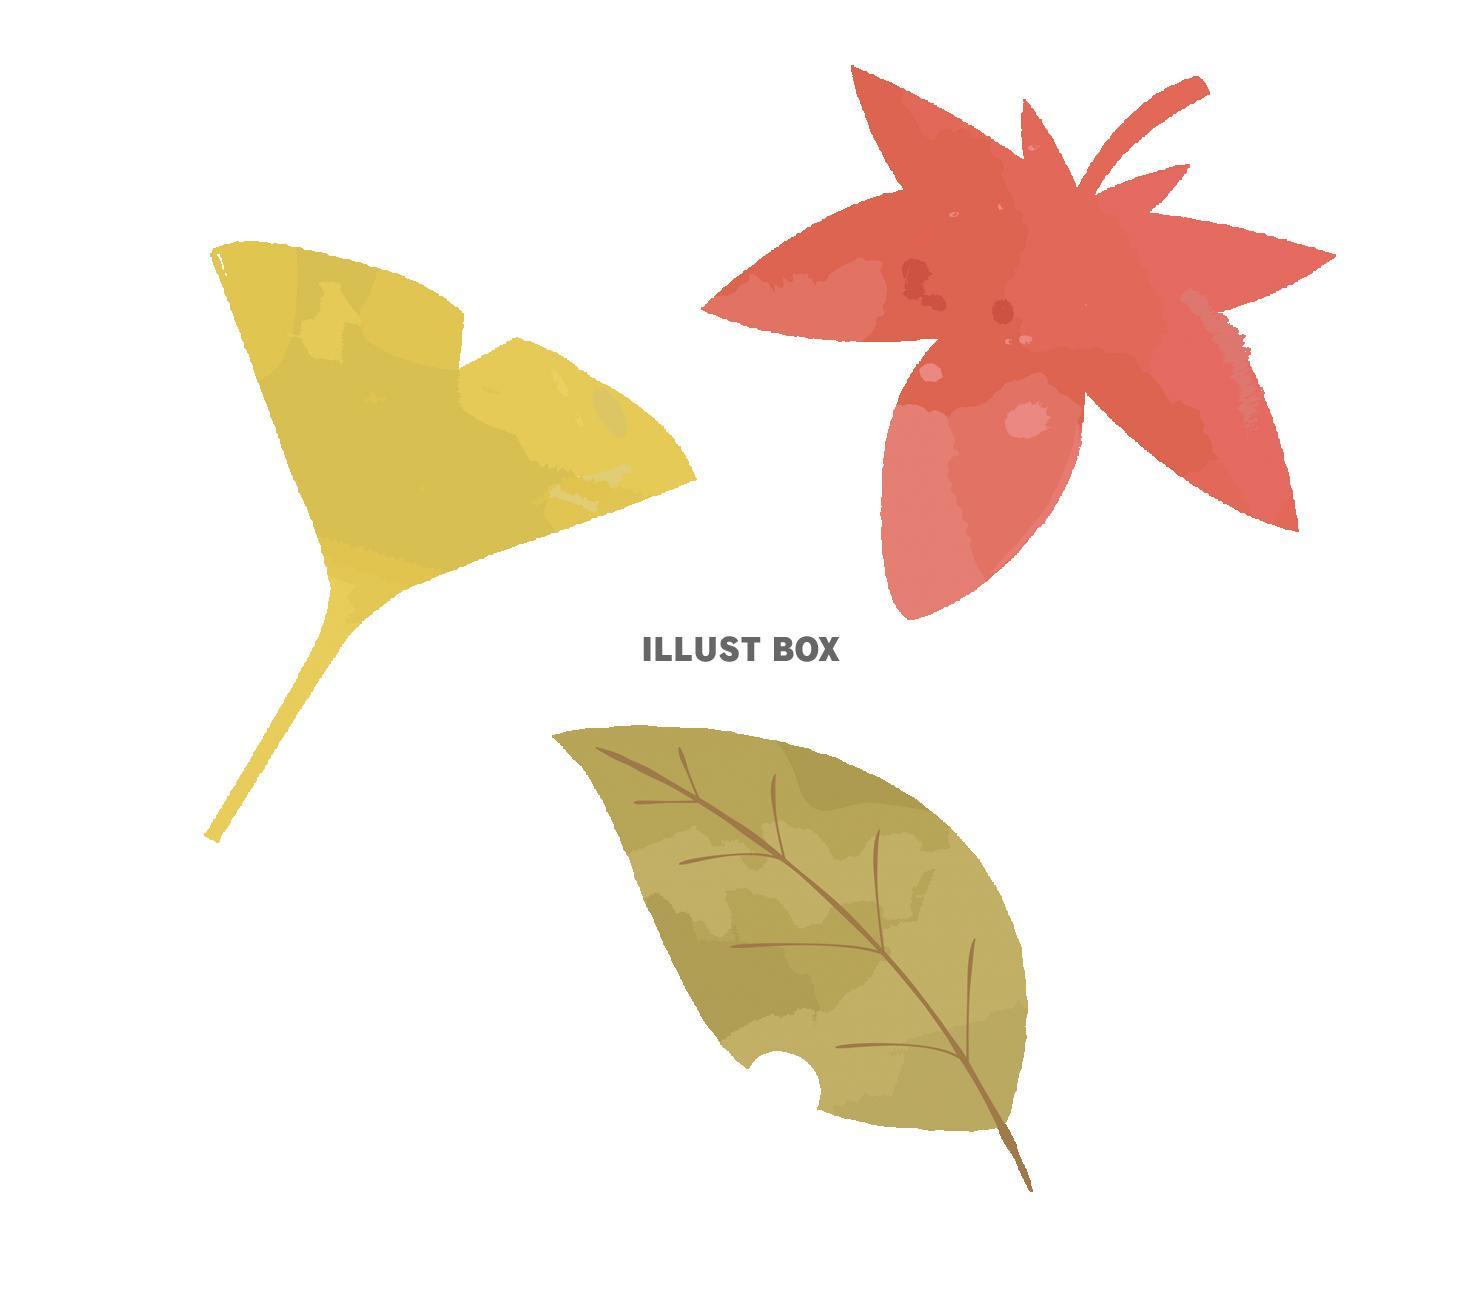 無料イラスト かわいい秋の葉っぱのイラスト素材